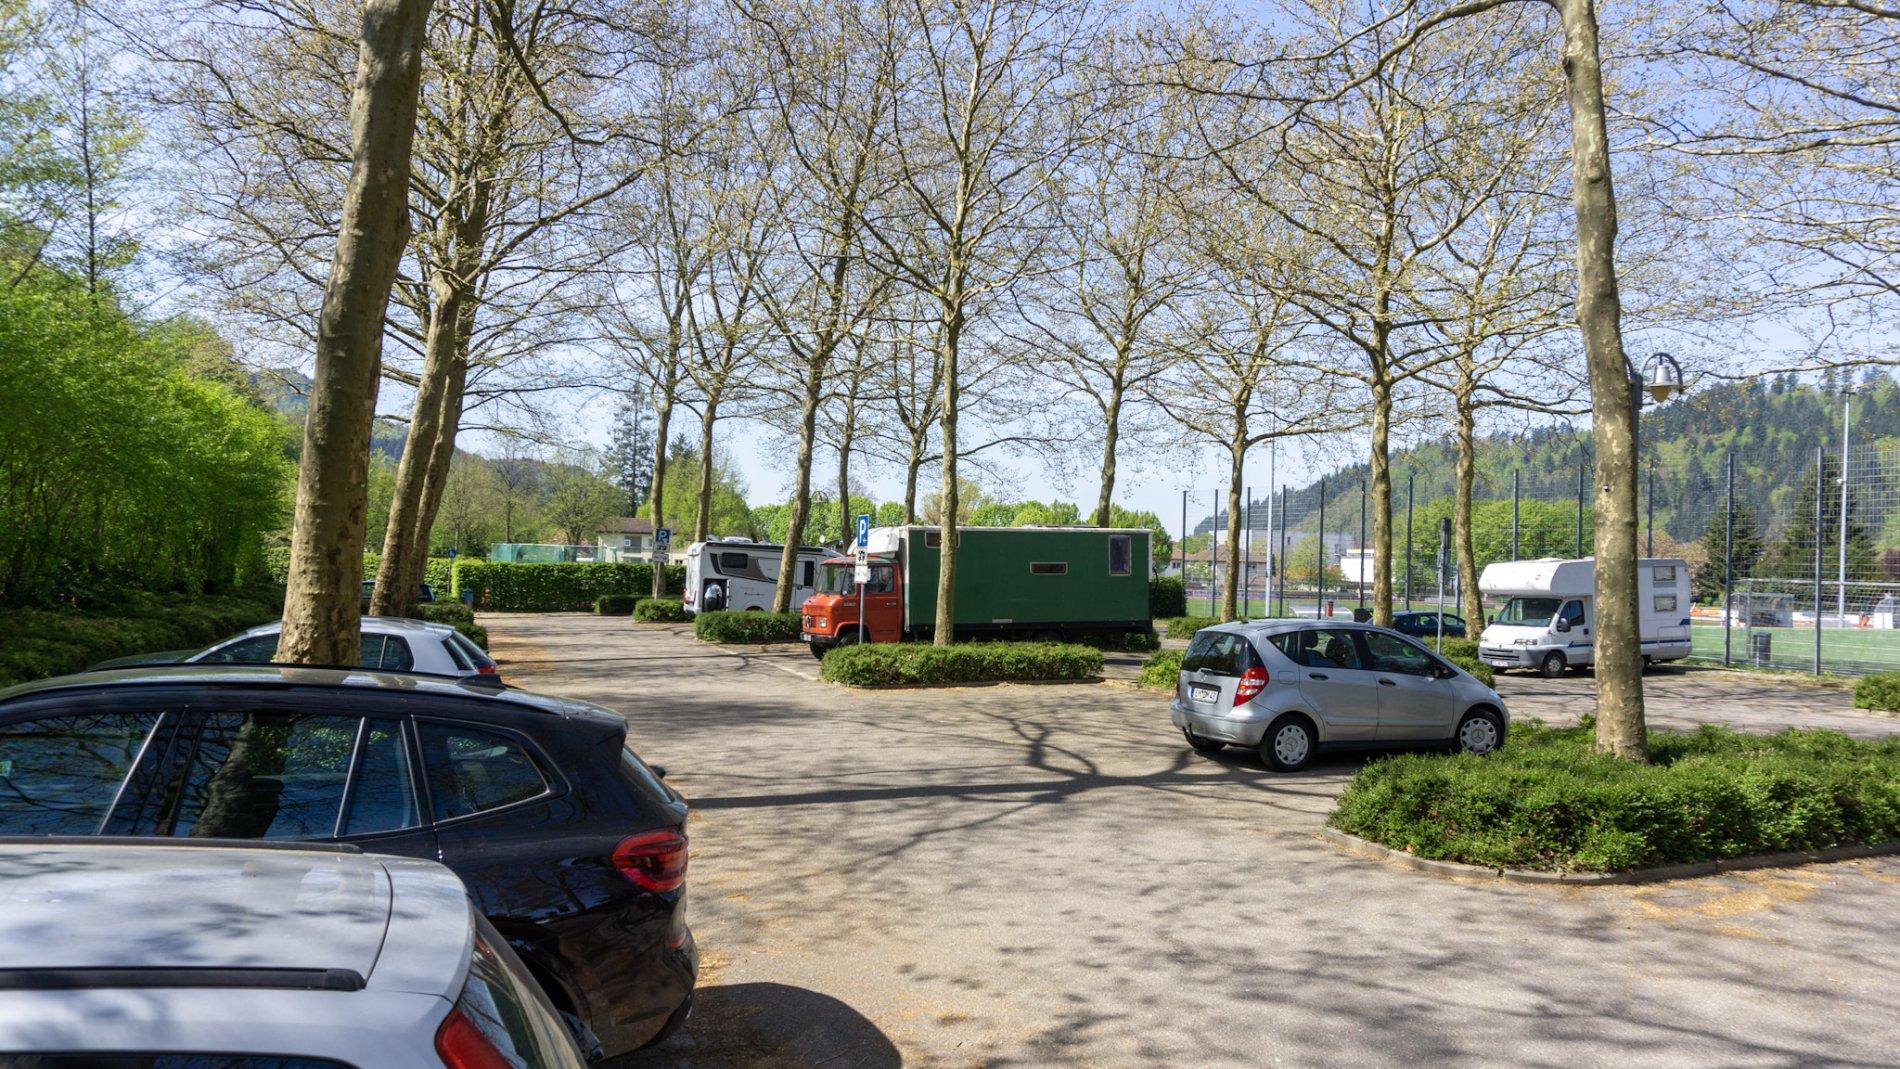 Parkende Autos und Wohnmobile auf dem Wohnmobilstellplatz in Waldkirch